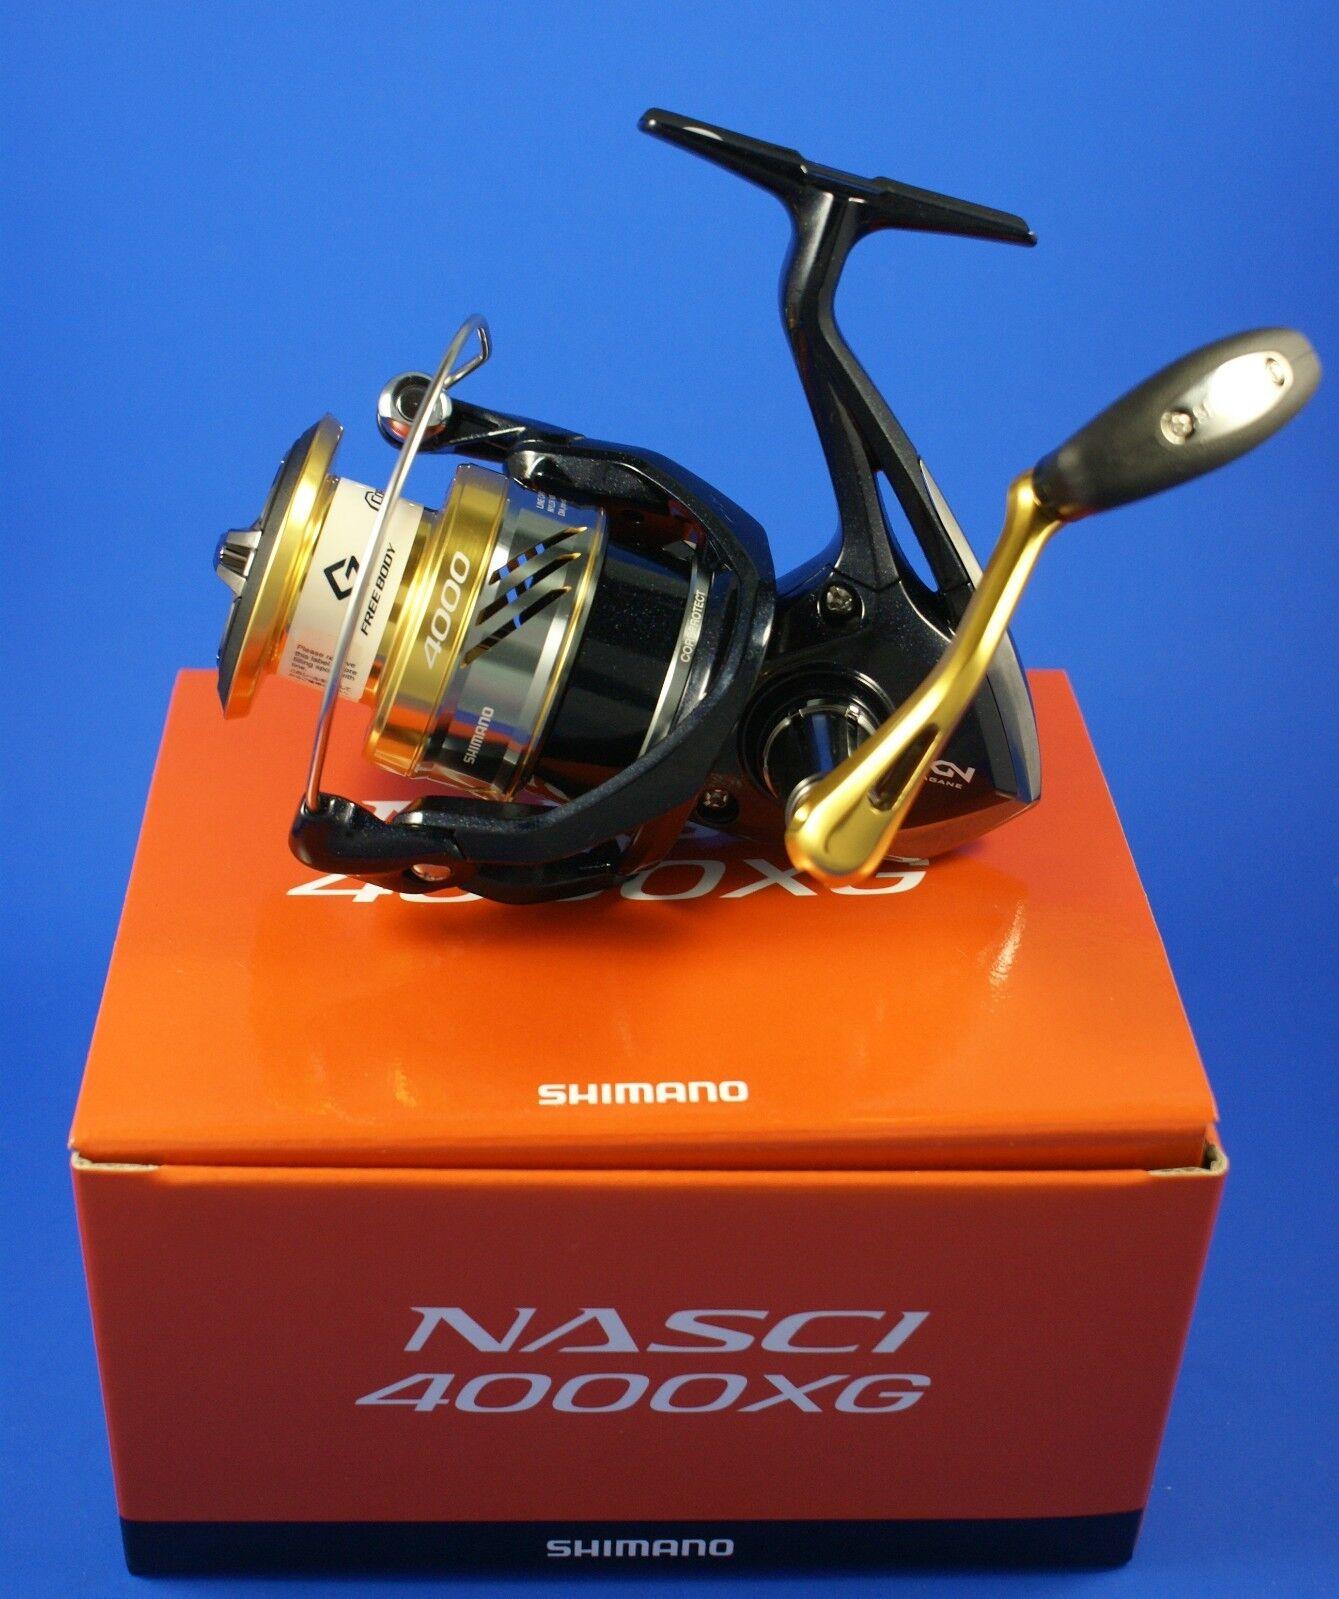 Shimano Nasci 4000XG FB // NAS4000XGFB // Front Drag Fishing Reel